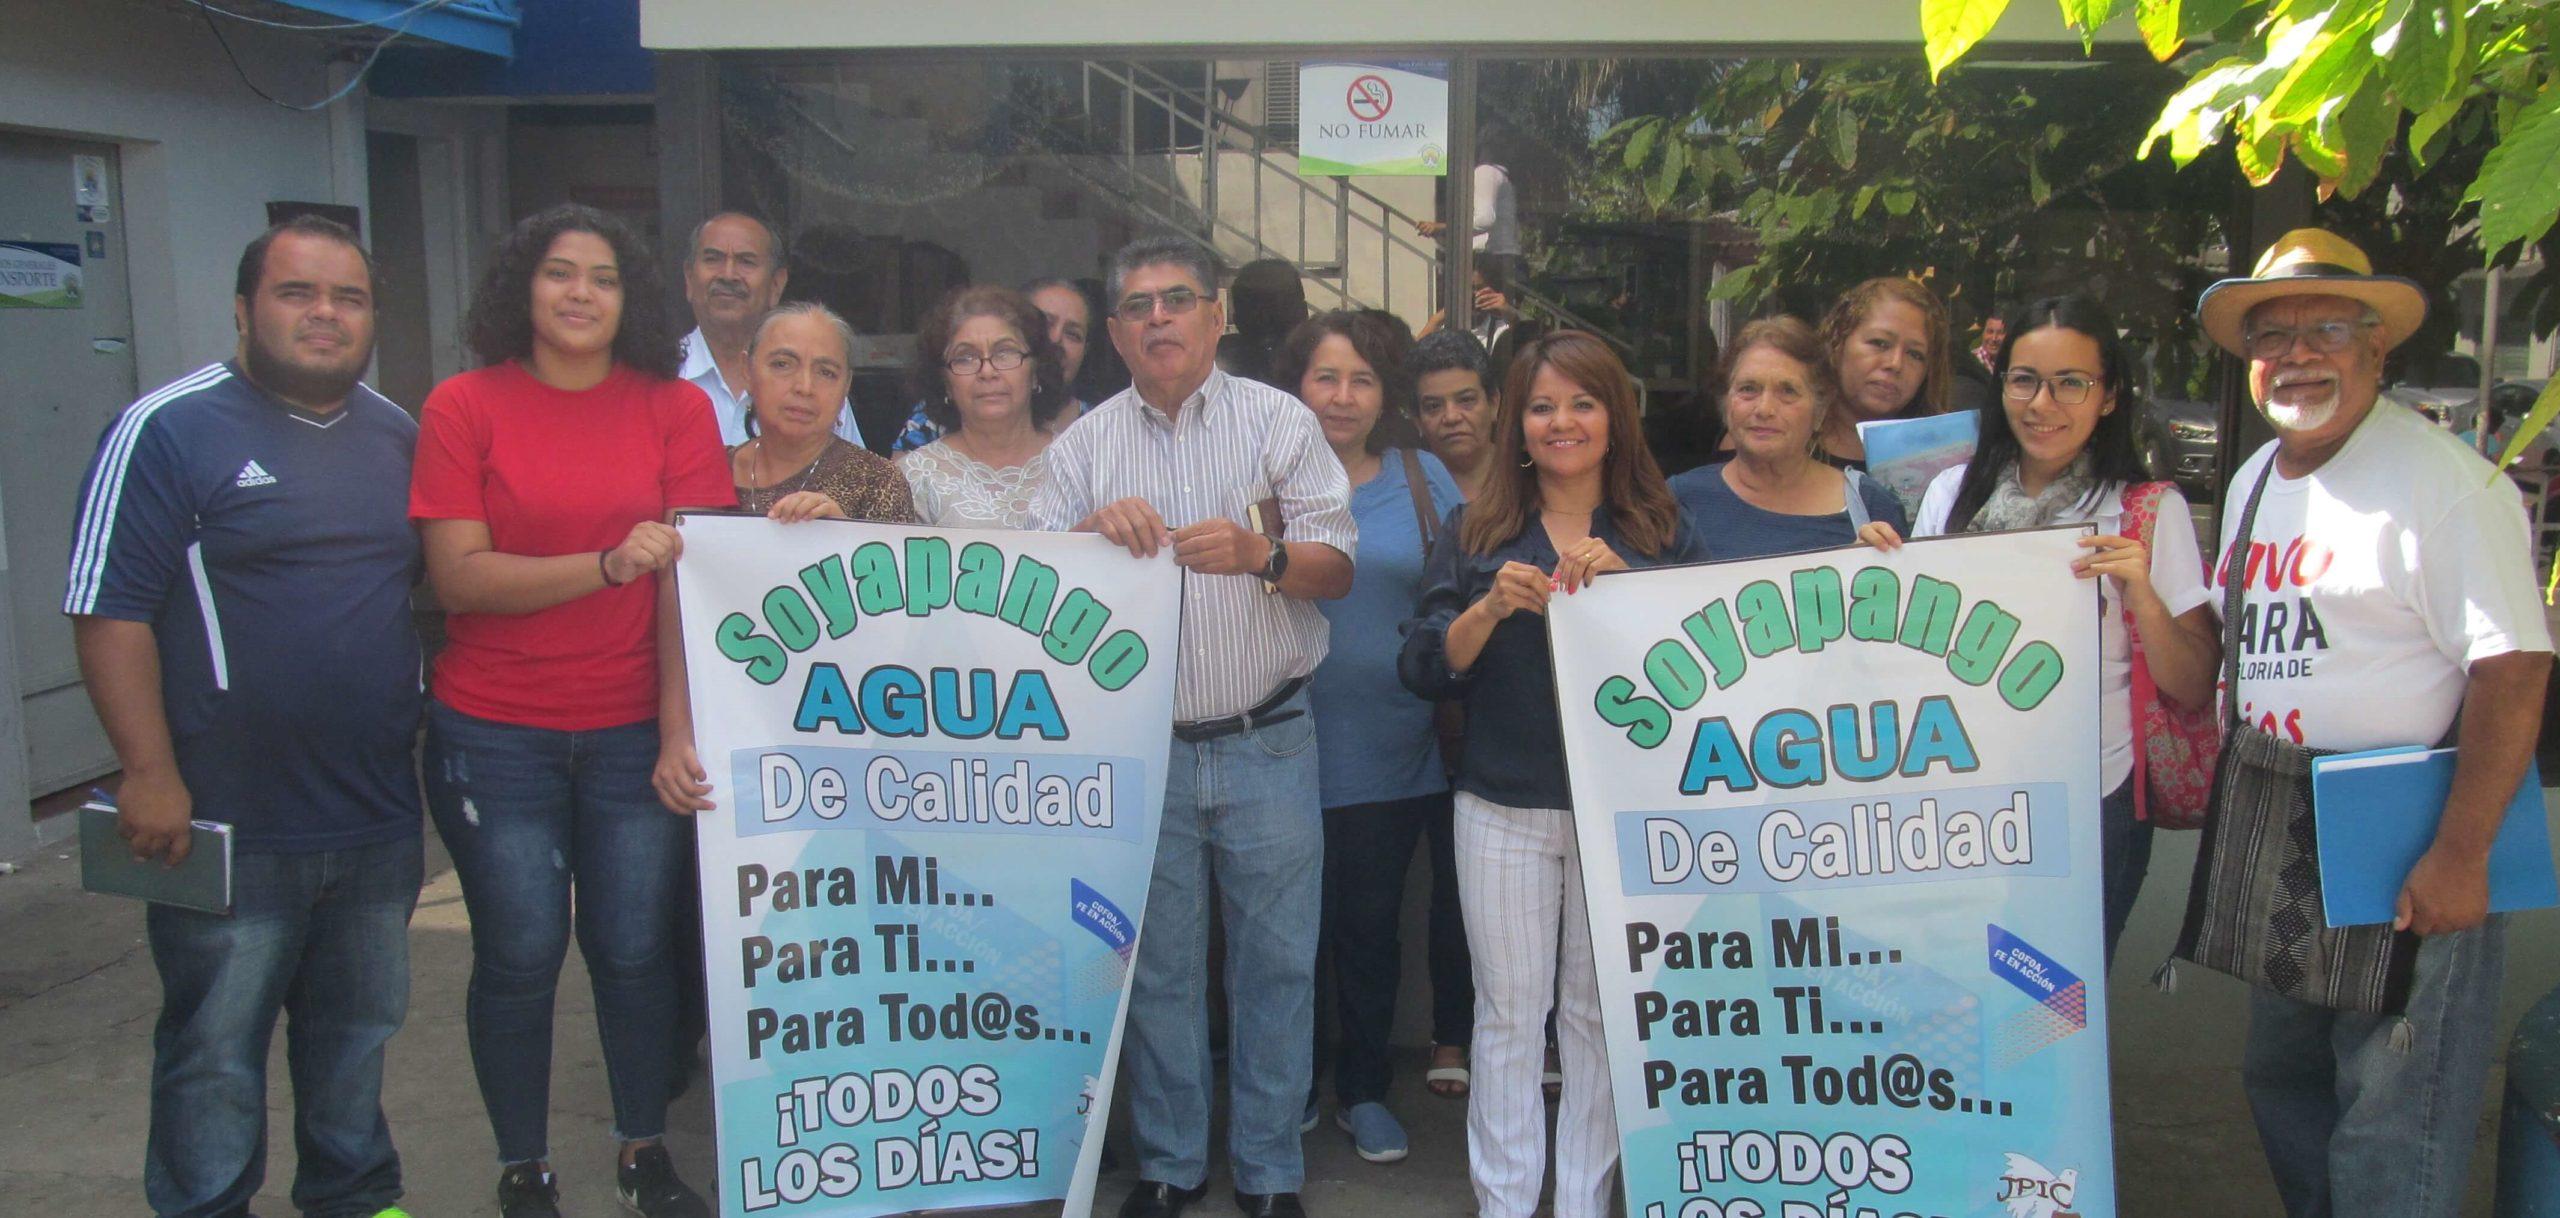 El Salvador: Fighting For Water In Soyapango